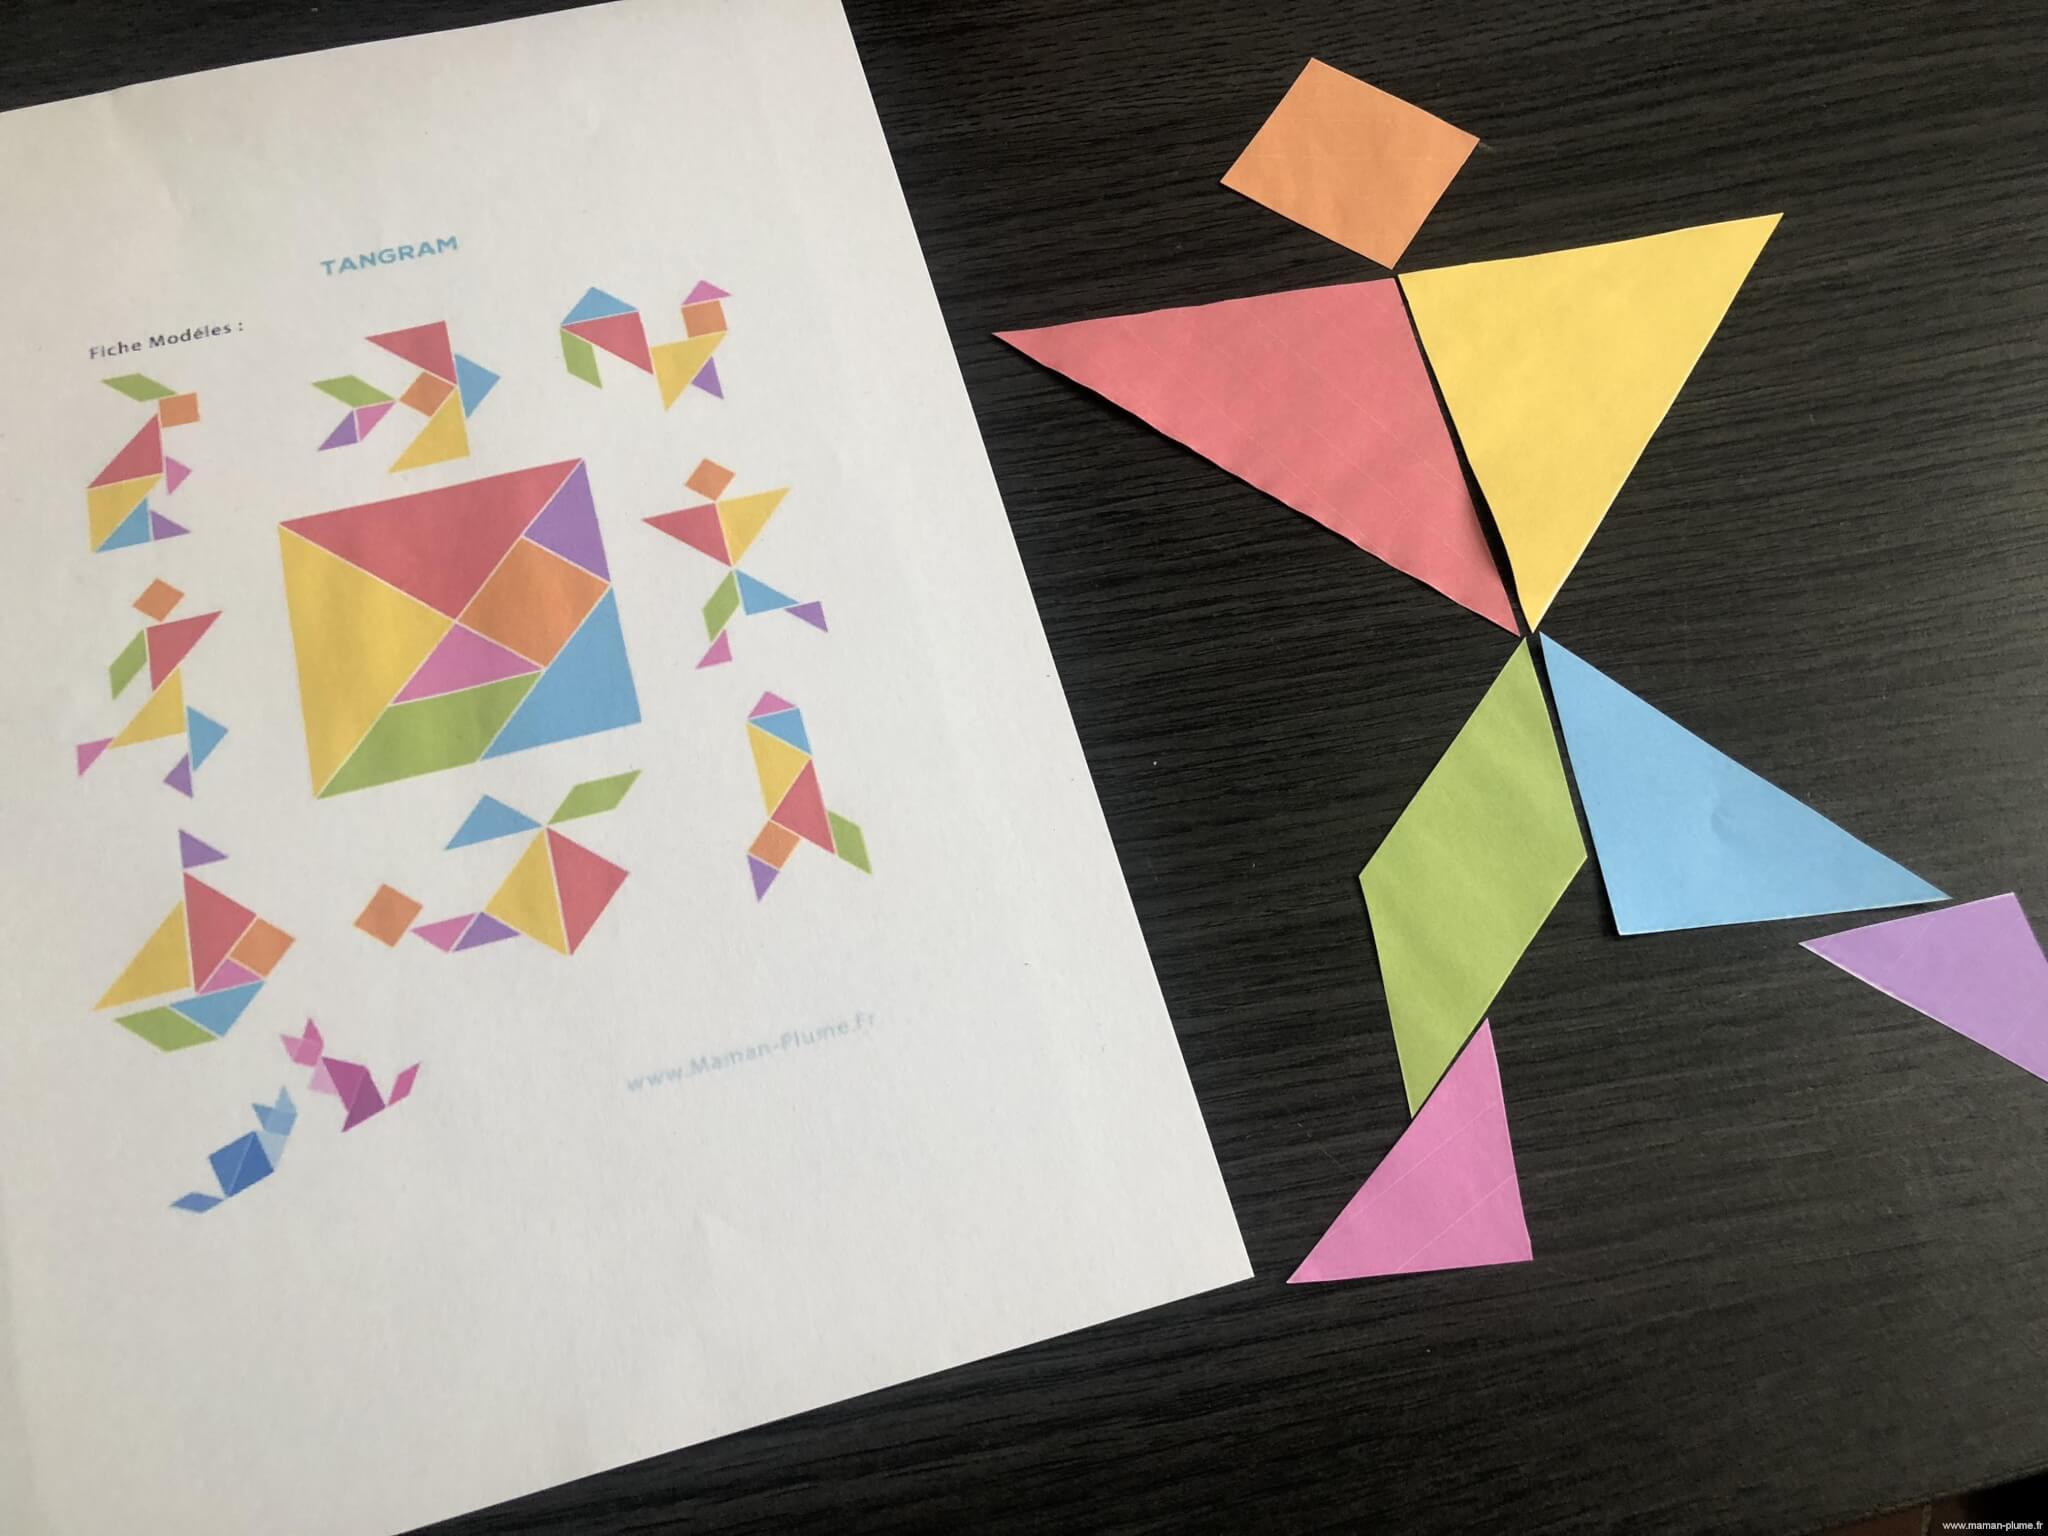 Diy, Mon Jeu De Tangram À Imprimer | Le Blog De Maman Plume tout Jeu De Tangram À Imprimer